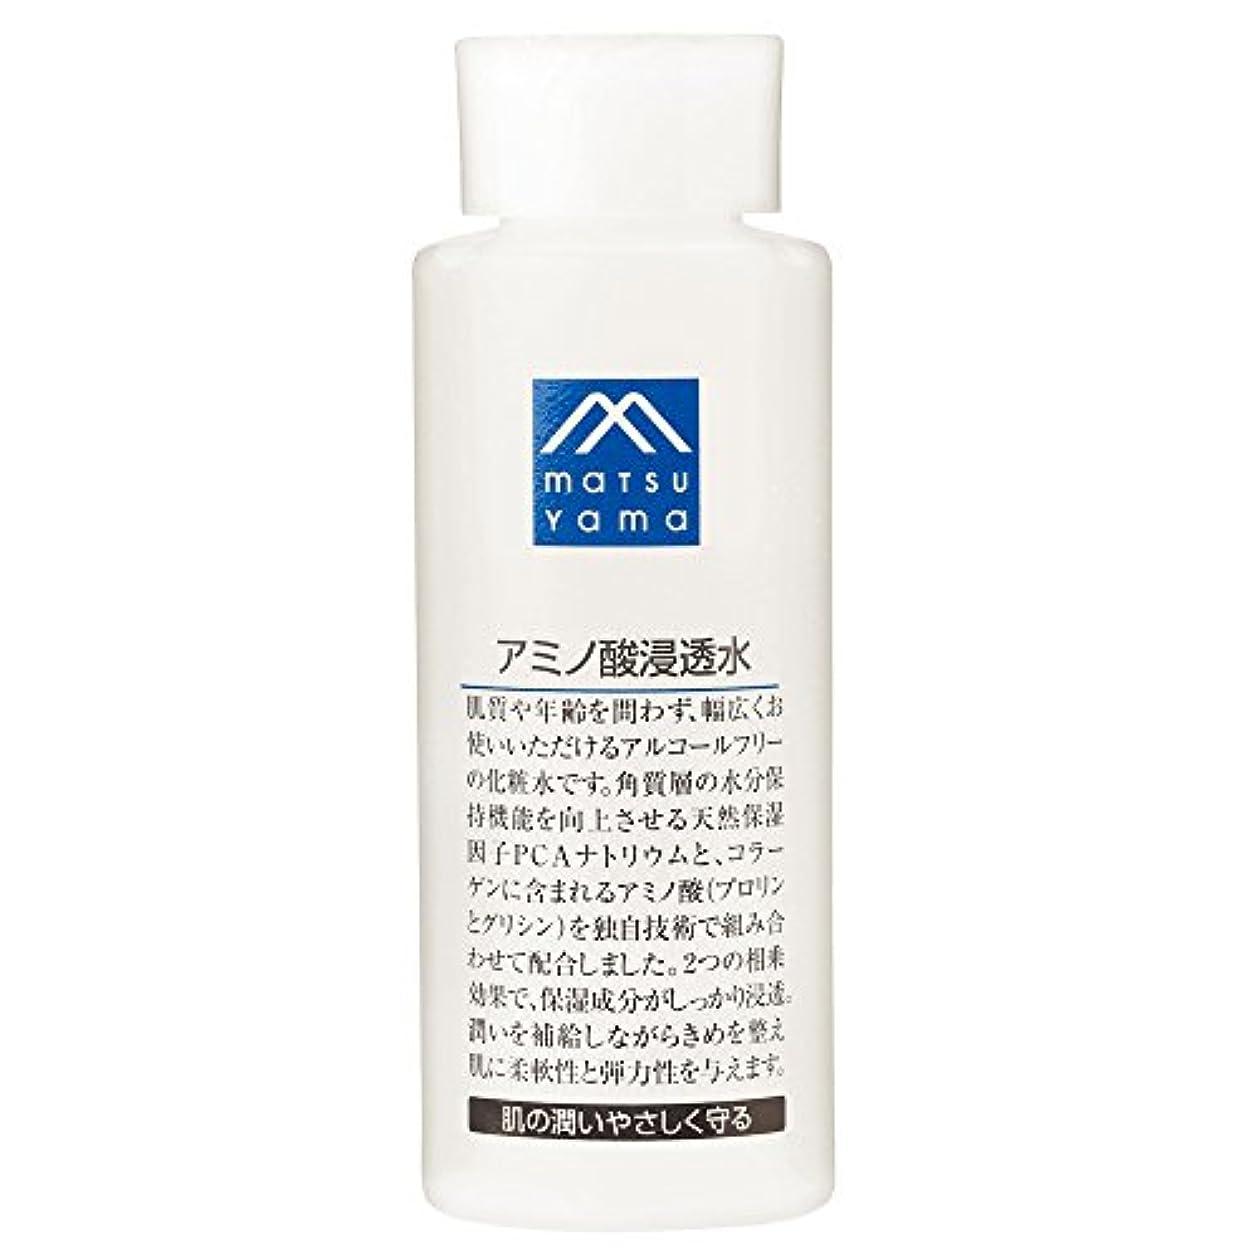 スキャンストレージ参加するM-mark アミノ酸浸透水